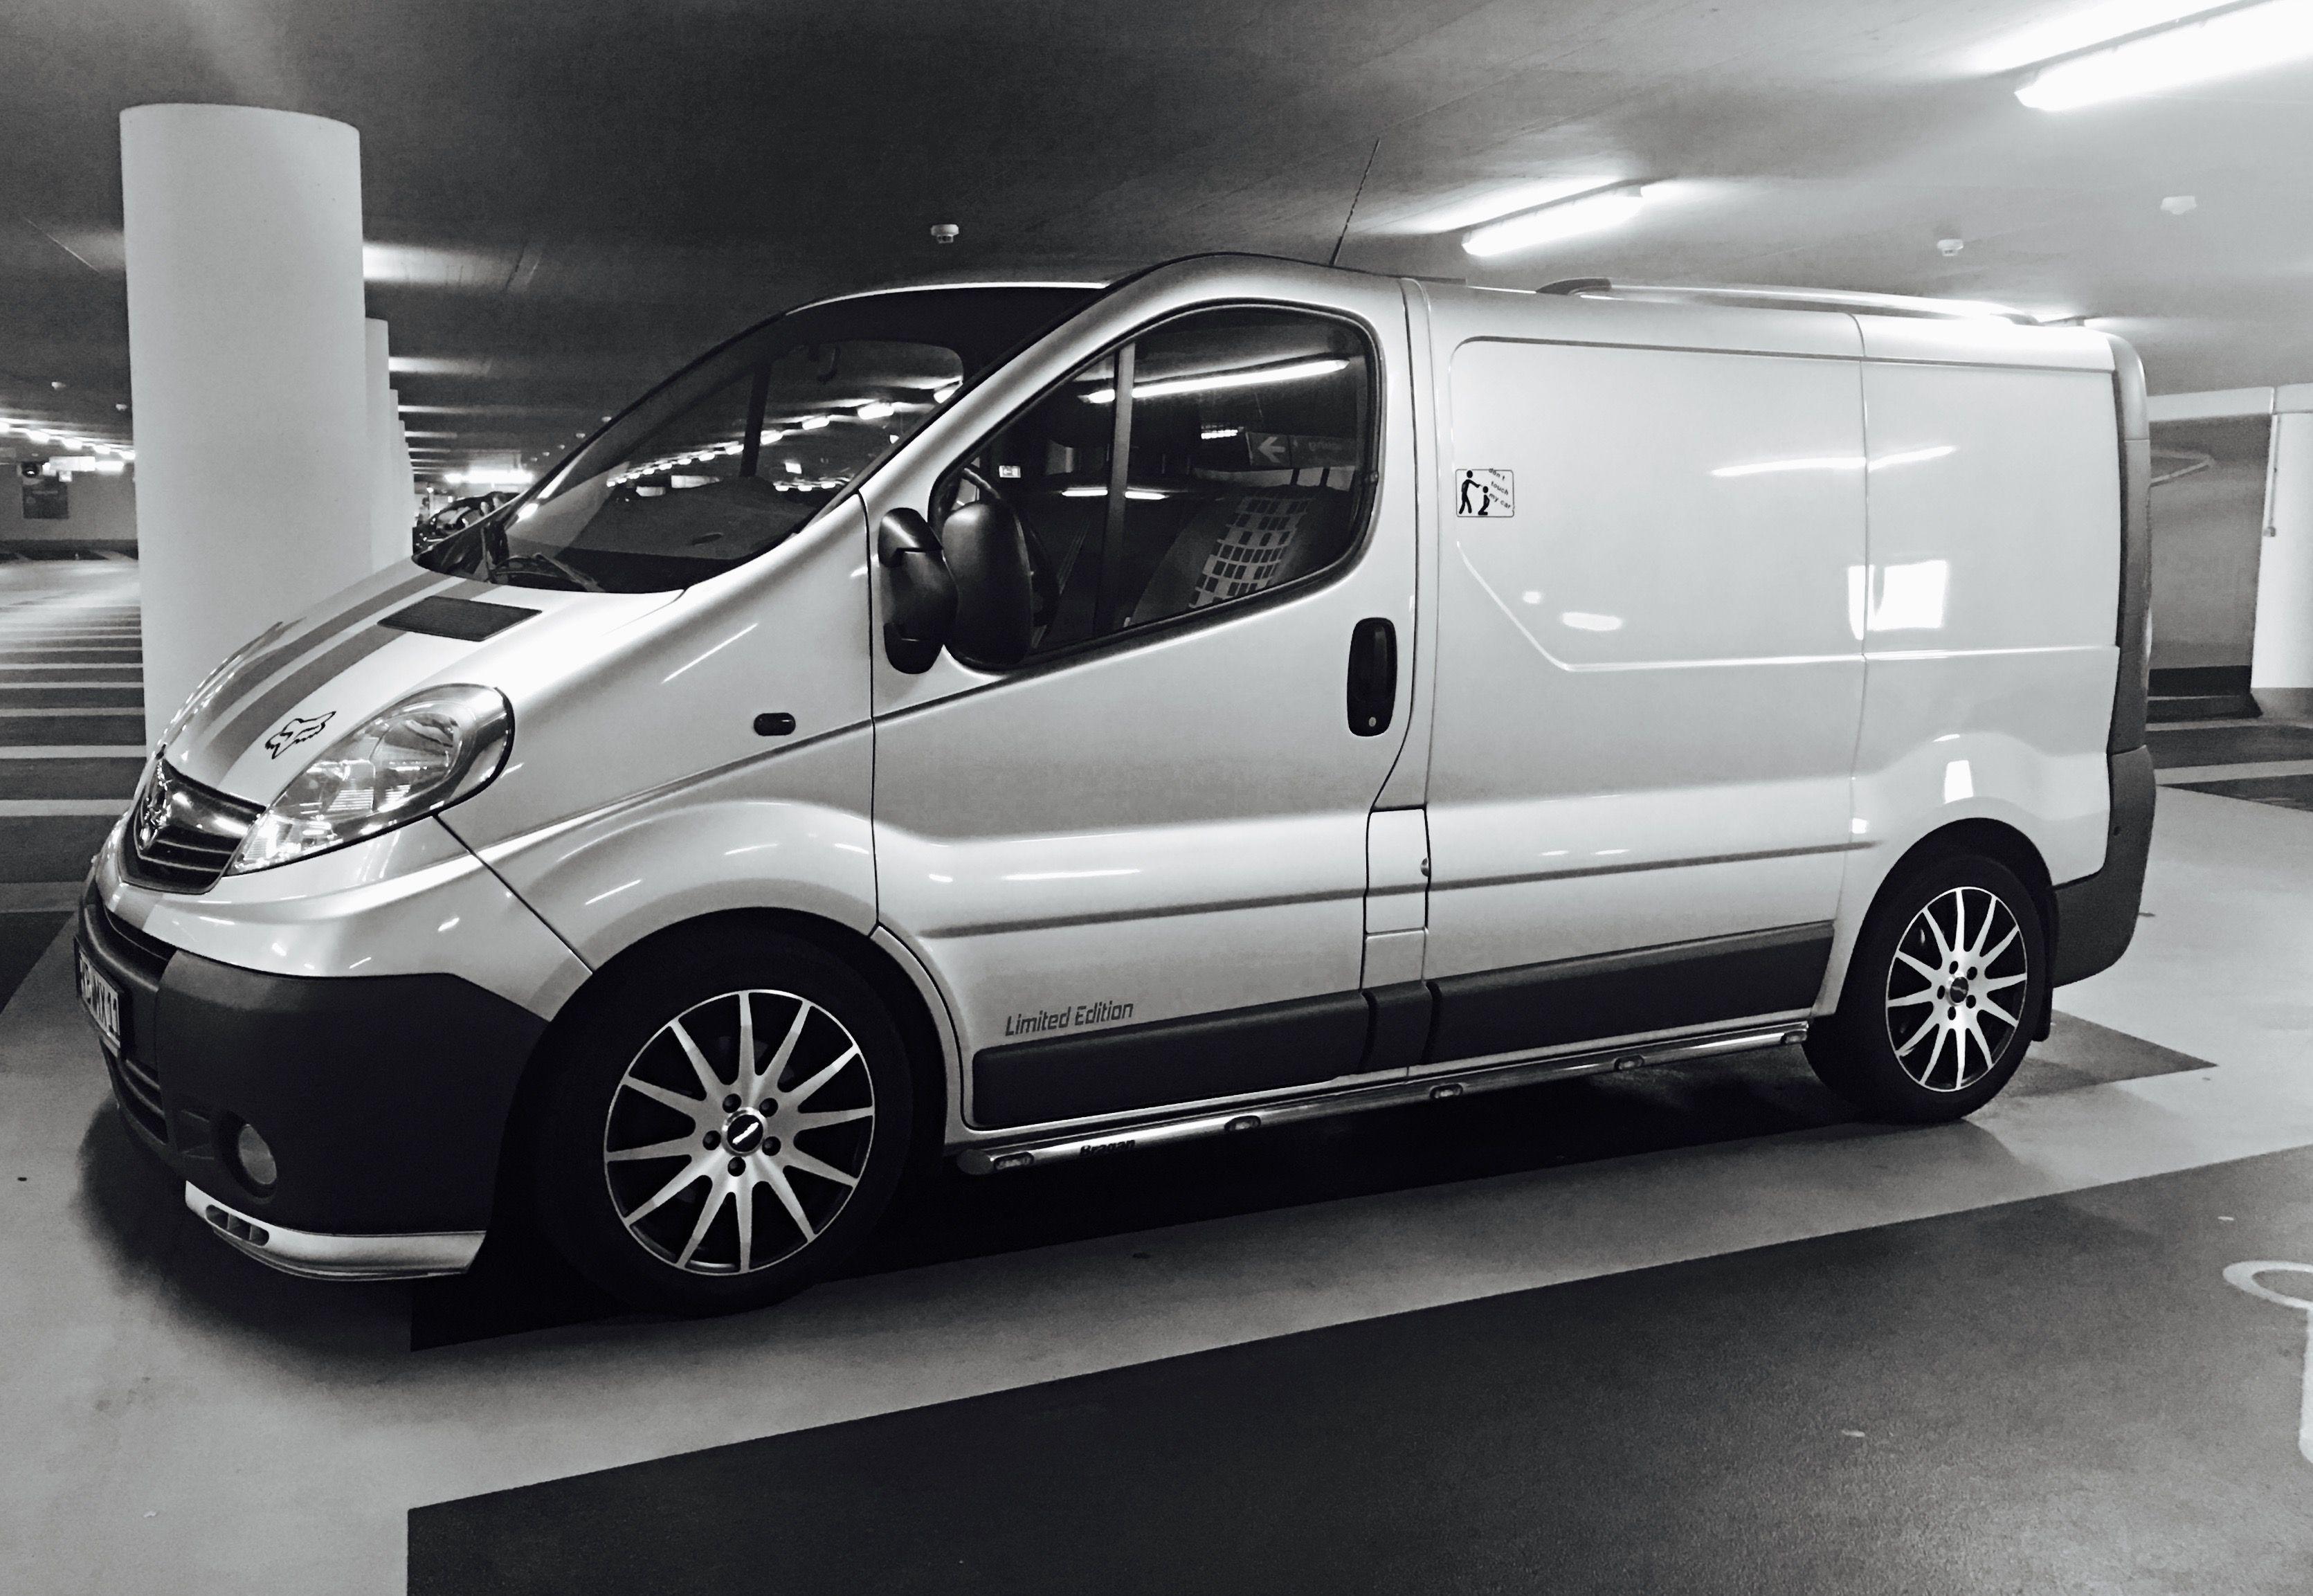 Spiksplinternieuw Opel Vivaro Tuning   Vivaro   Nissan vans, Cars, Camper van ZT-05